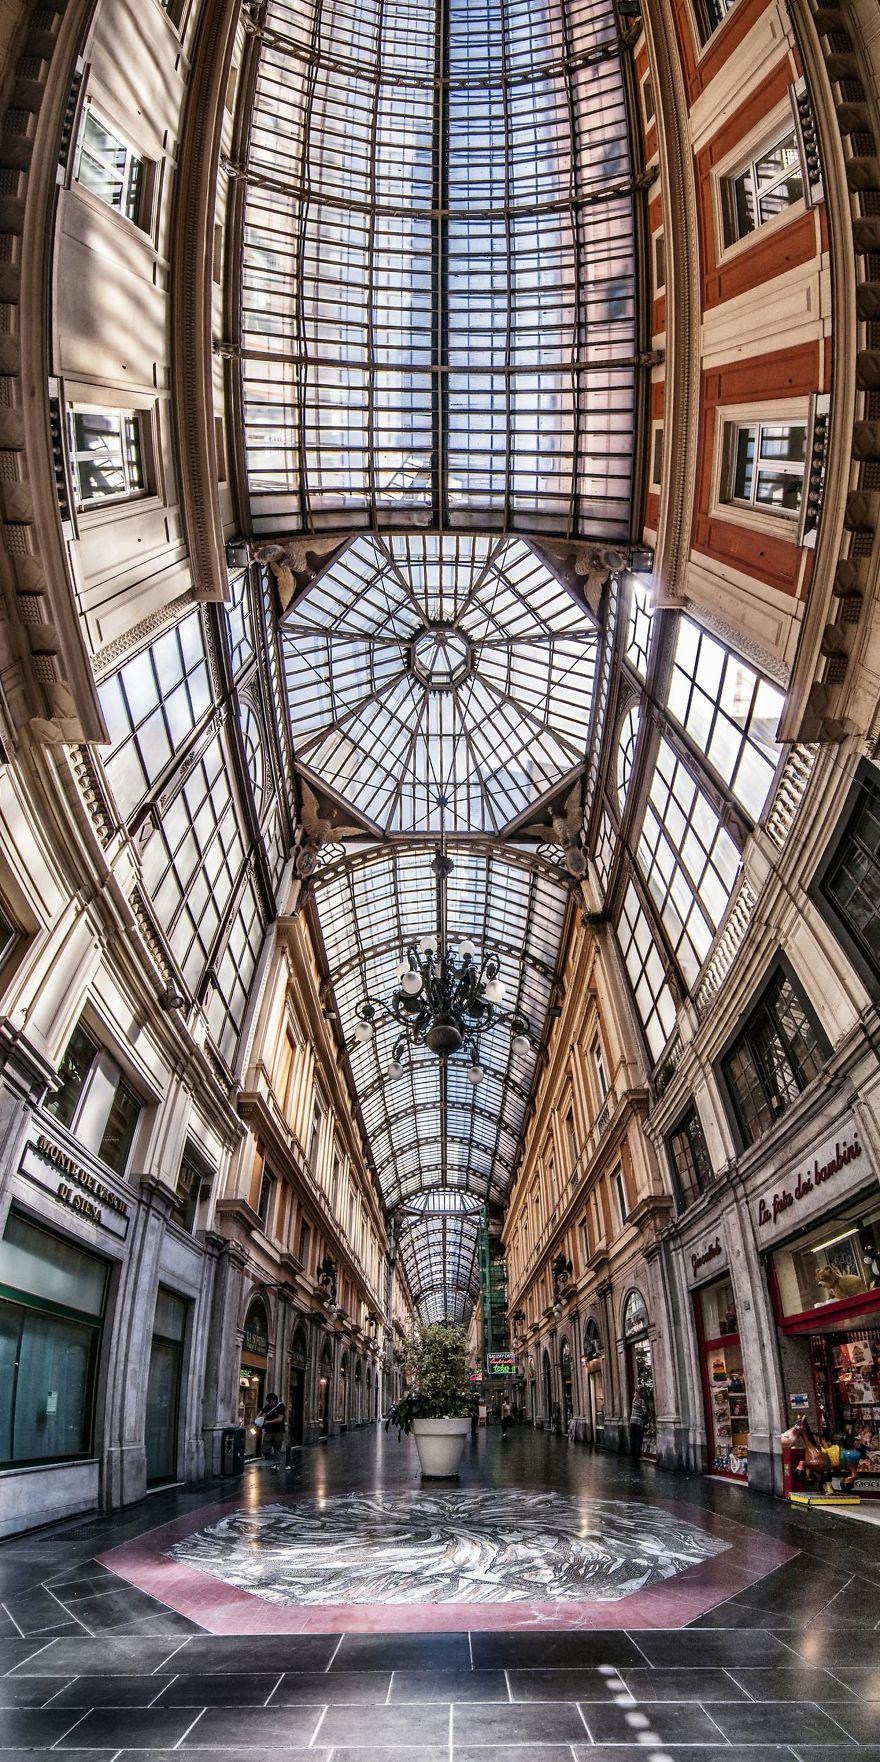 Nghệ thuật kiến trúc đẹp kì vĩ qua phép màu của Panorama